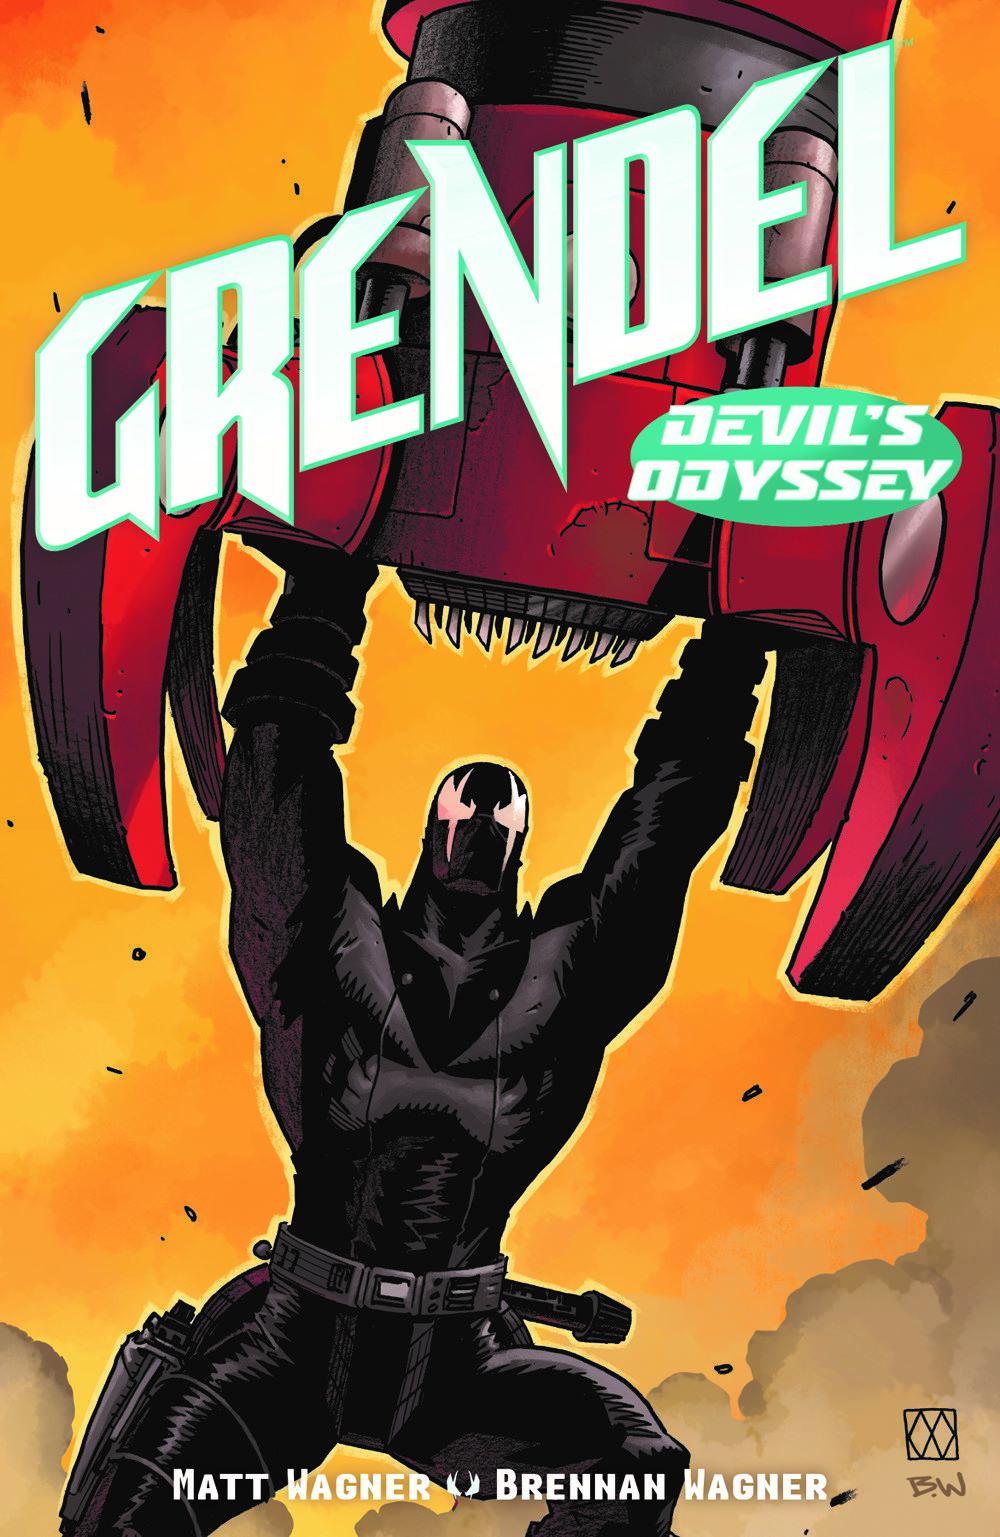 GRDO_i5_CVR_4x6_SOL Dark Horse Comics April 2021 Solicitations